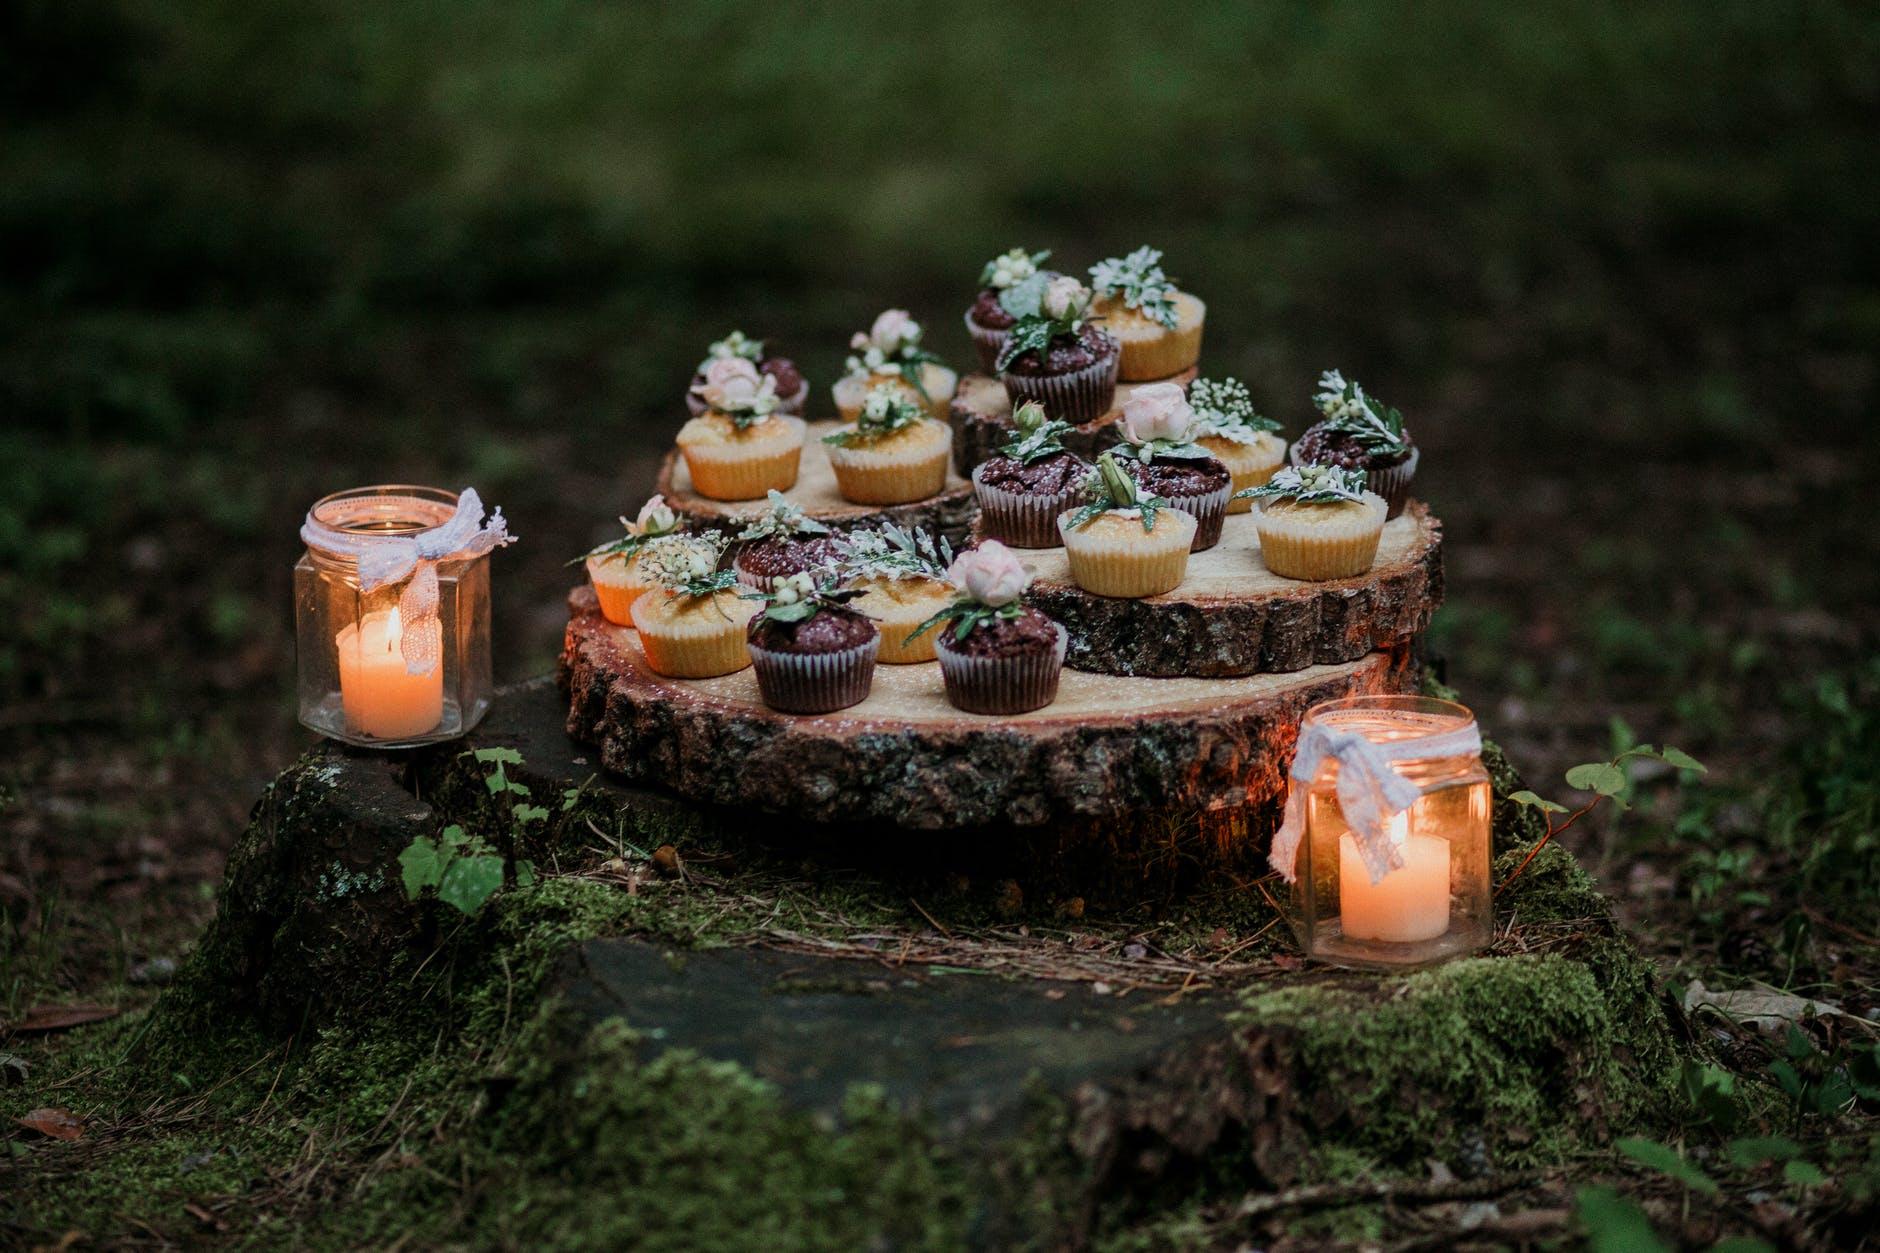 svíčky jako dekorac